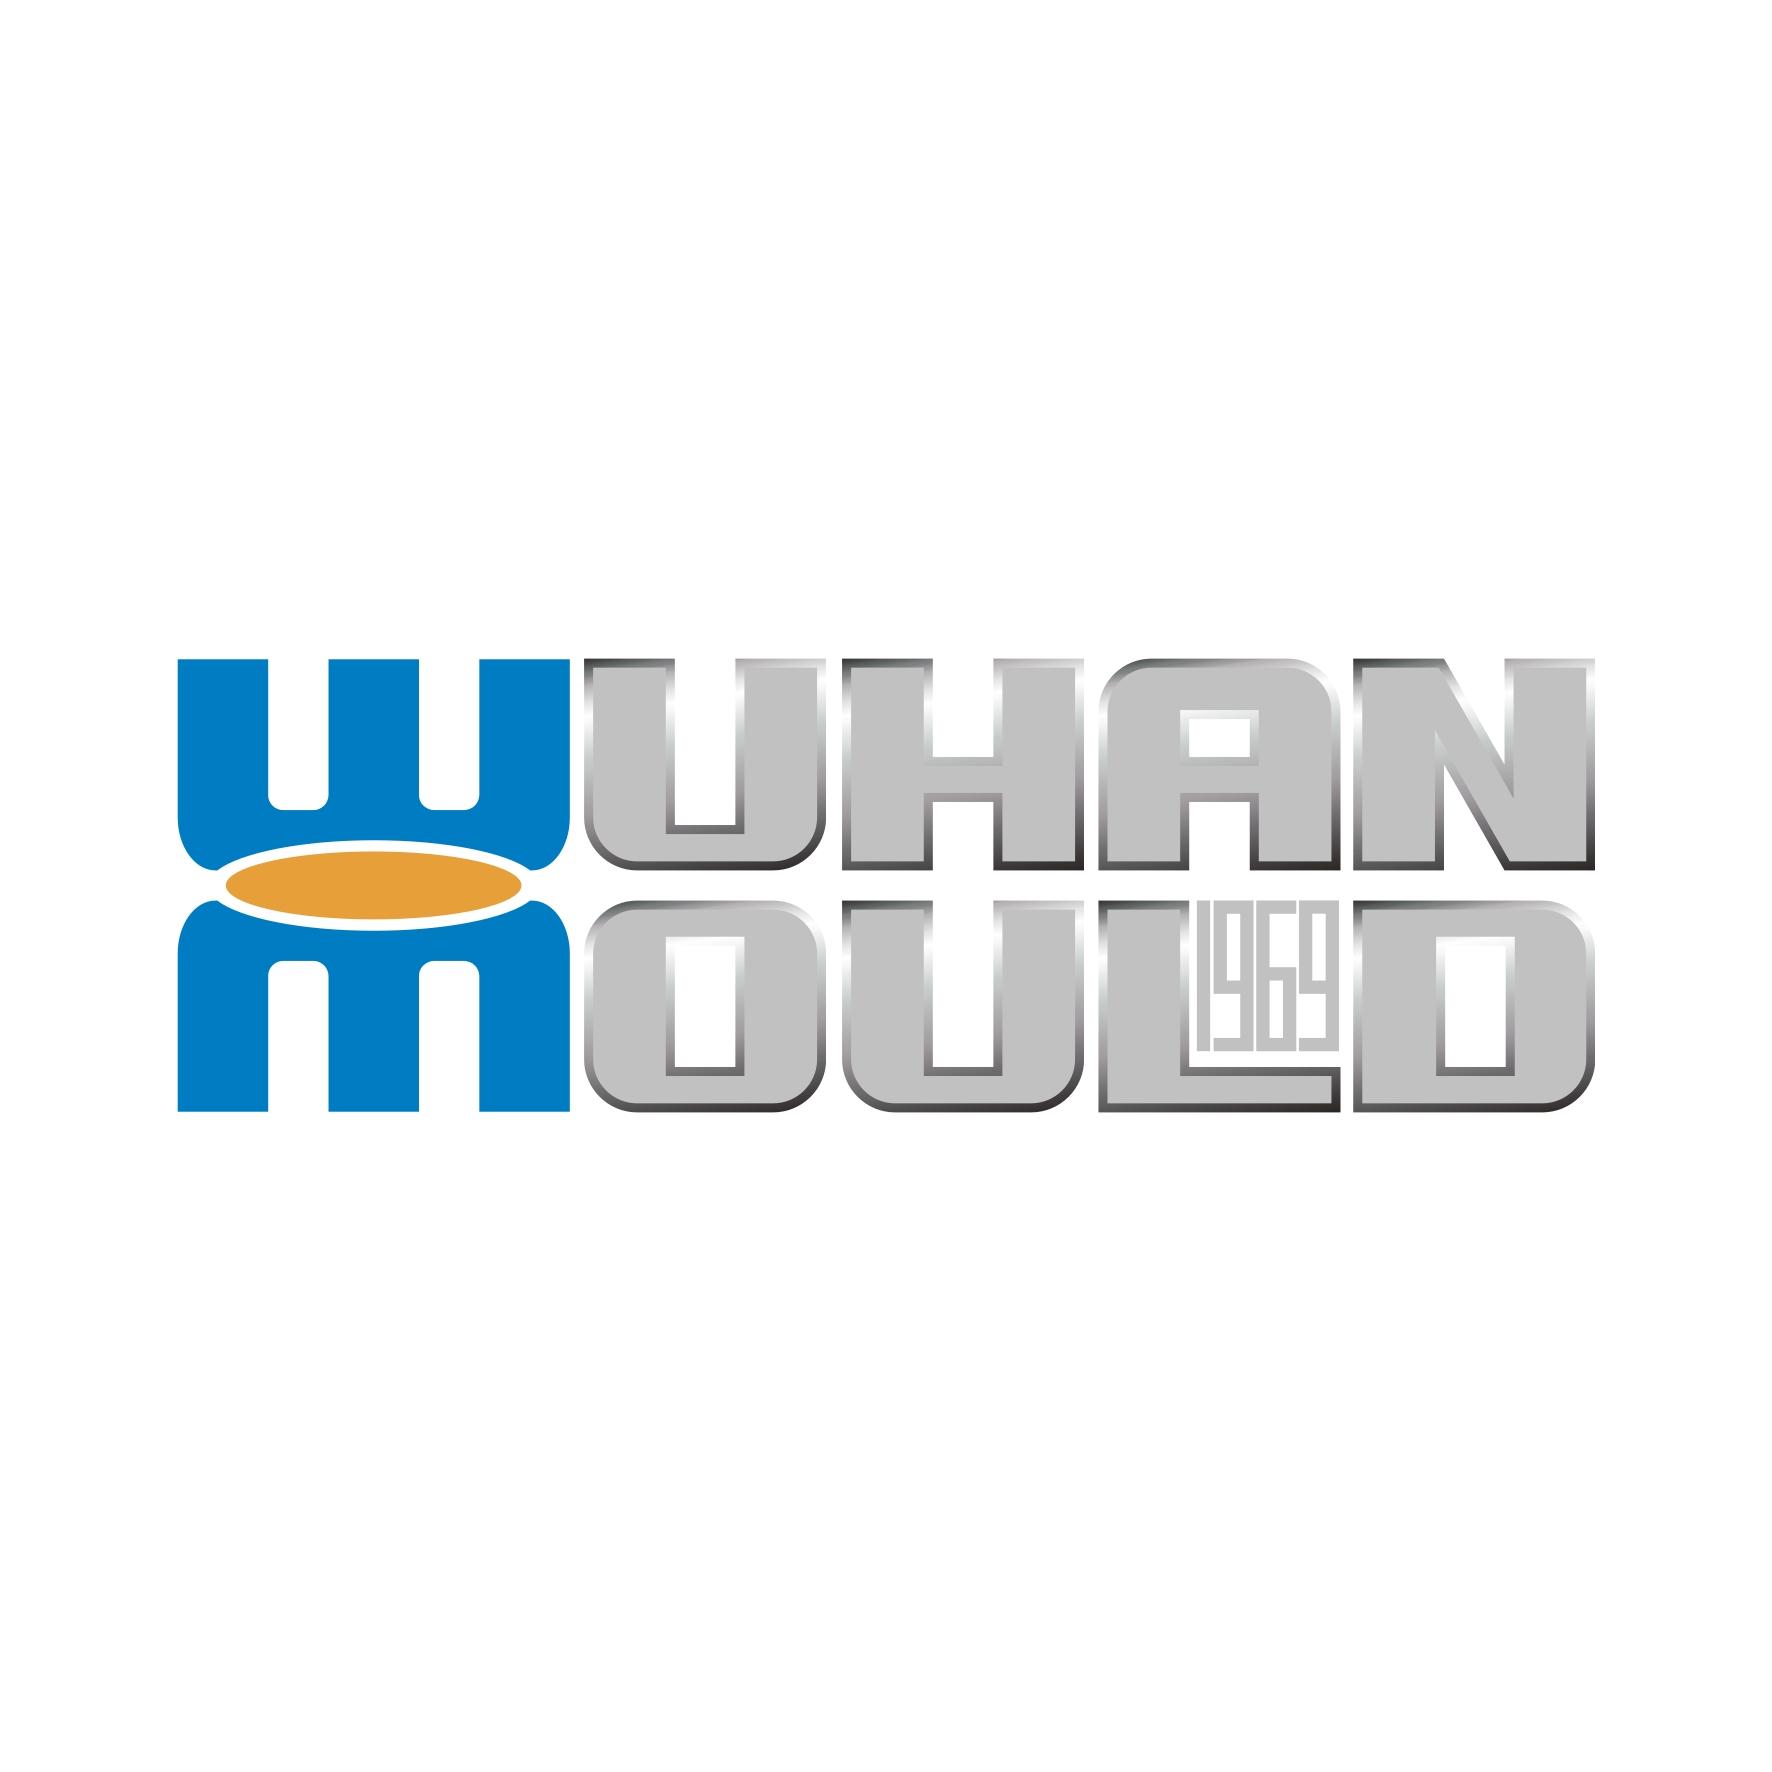 Создать логотип для фабрики пресс-форм фото f_3385996cad638e19.jpg